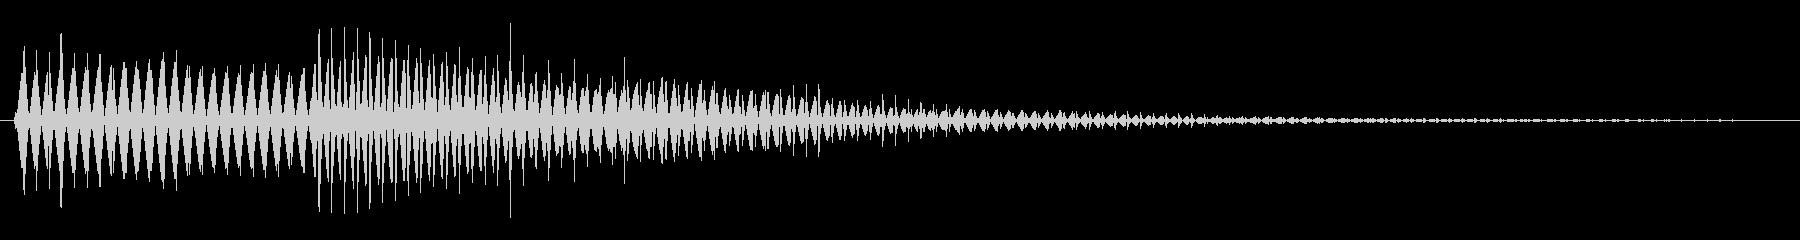 ヴゥワーン(恥、憂鬱などの感情)の未再生の波形